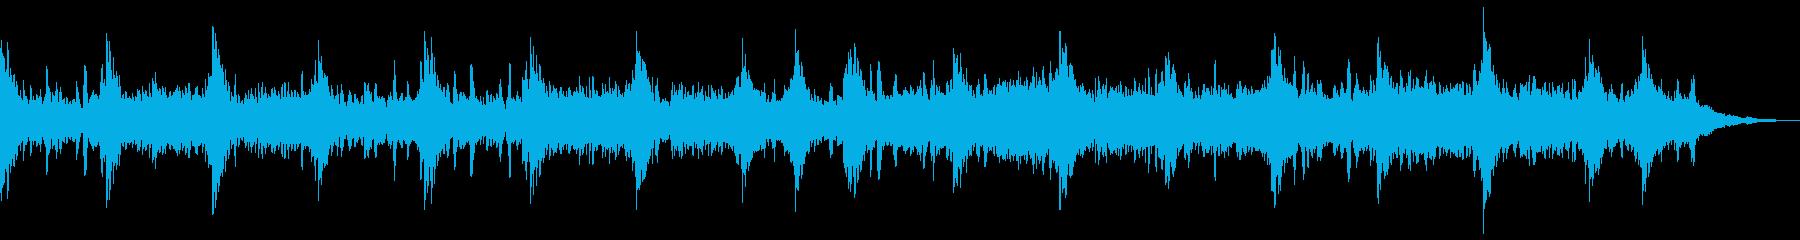 生命自然感動宇宙アンビエントヒーリングcの再生済みの波形